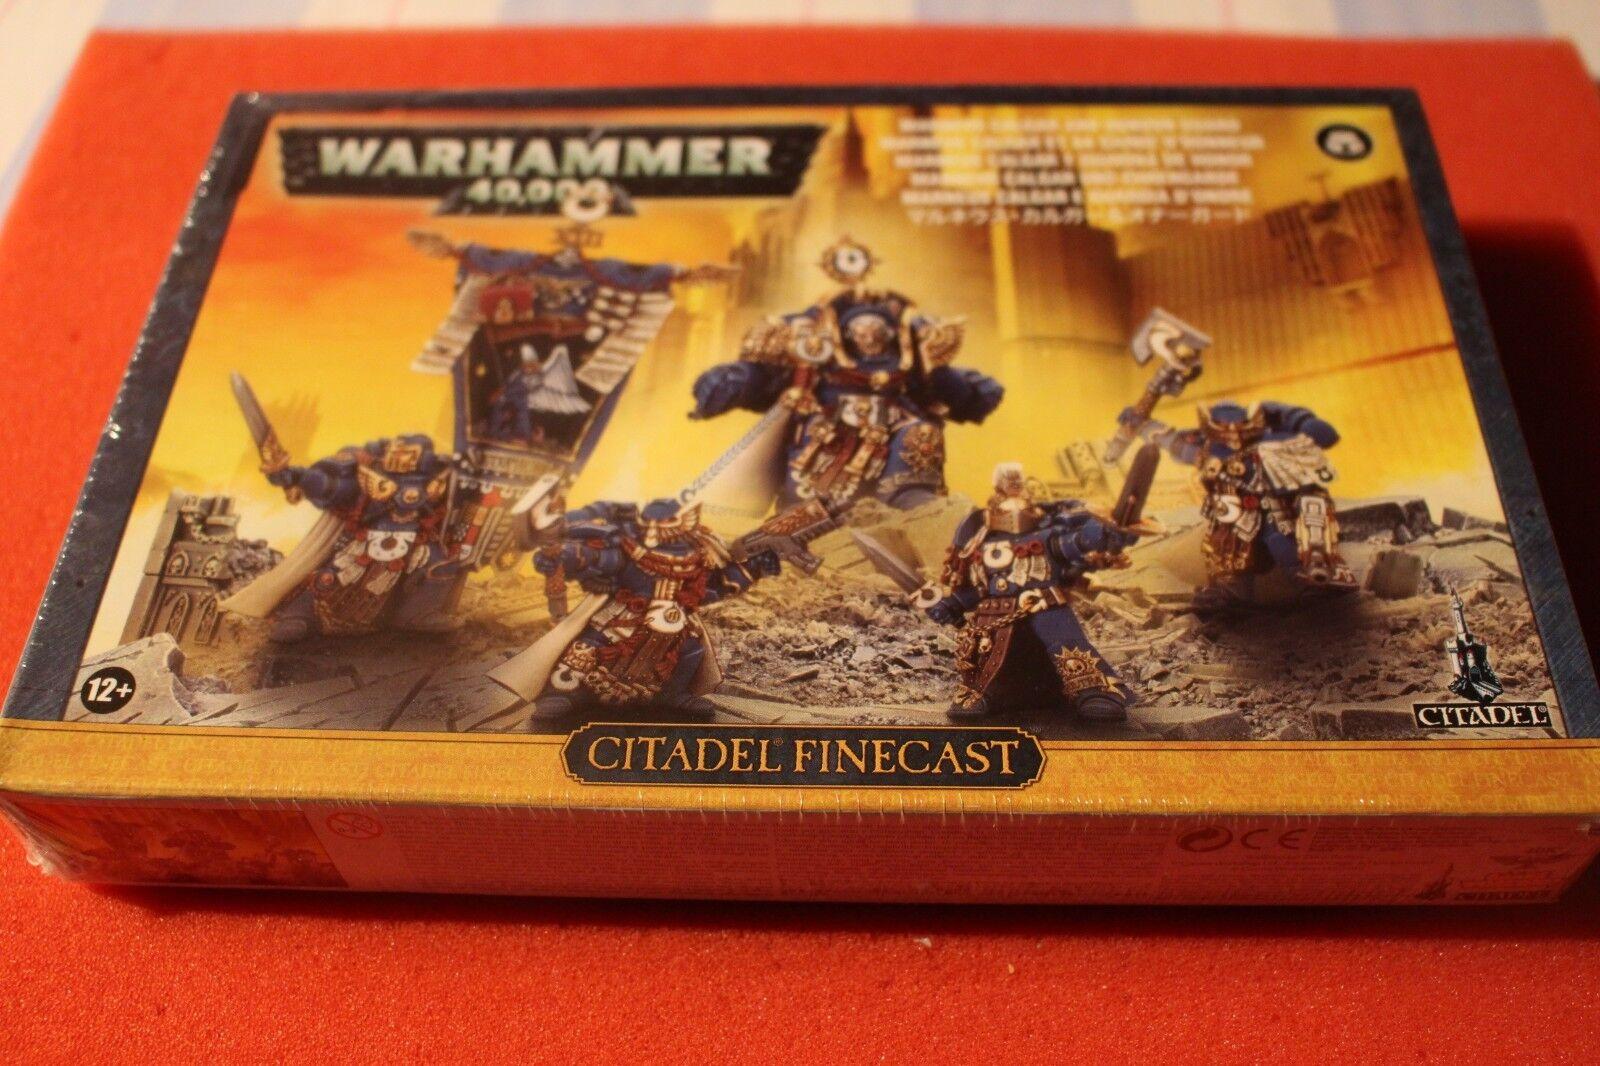 tutti i beni sono speciali giocos lavoronegozio WARHAMMER 40k Ultramarine marneus Calgar Onore Guardia NUOVO NUOVO NUOVO CON SCATOLA NUOVO  grande sconto